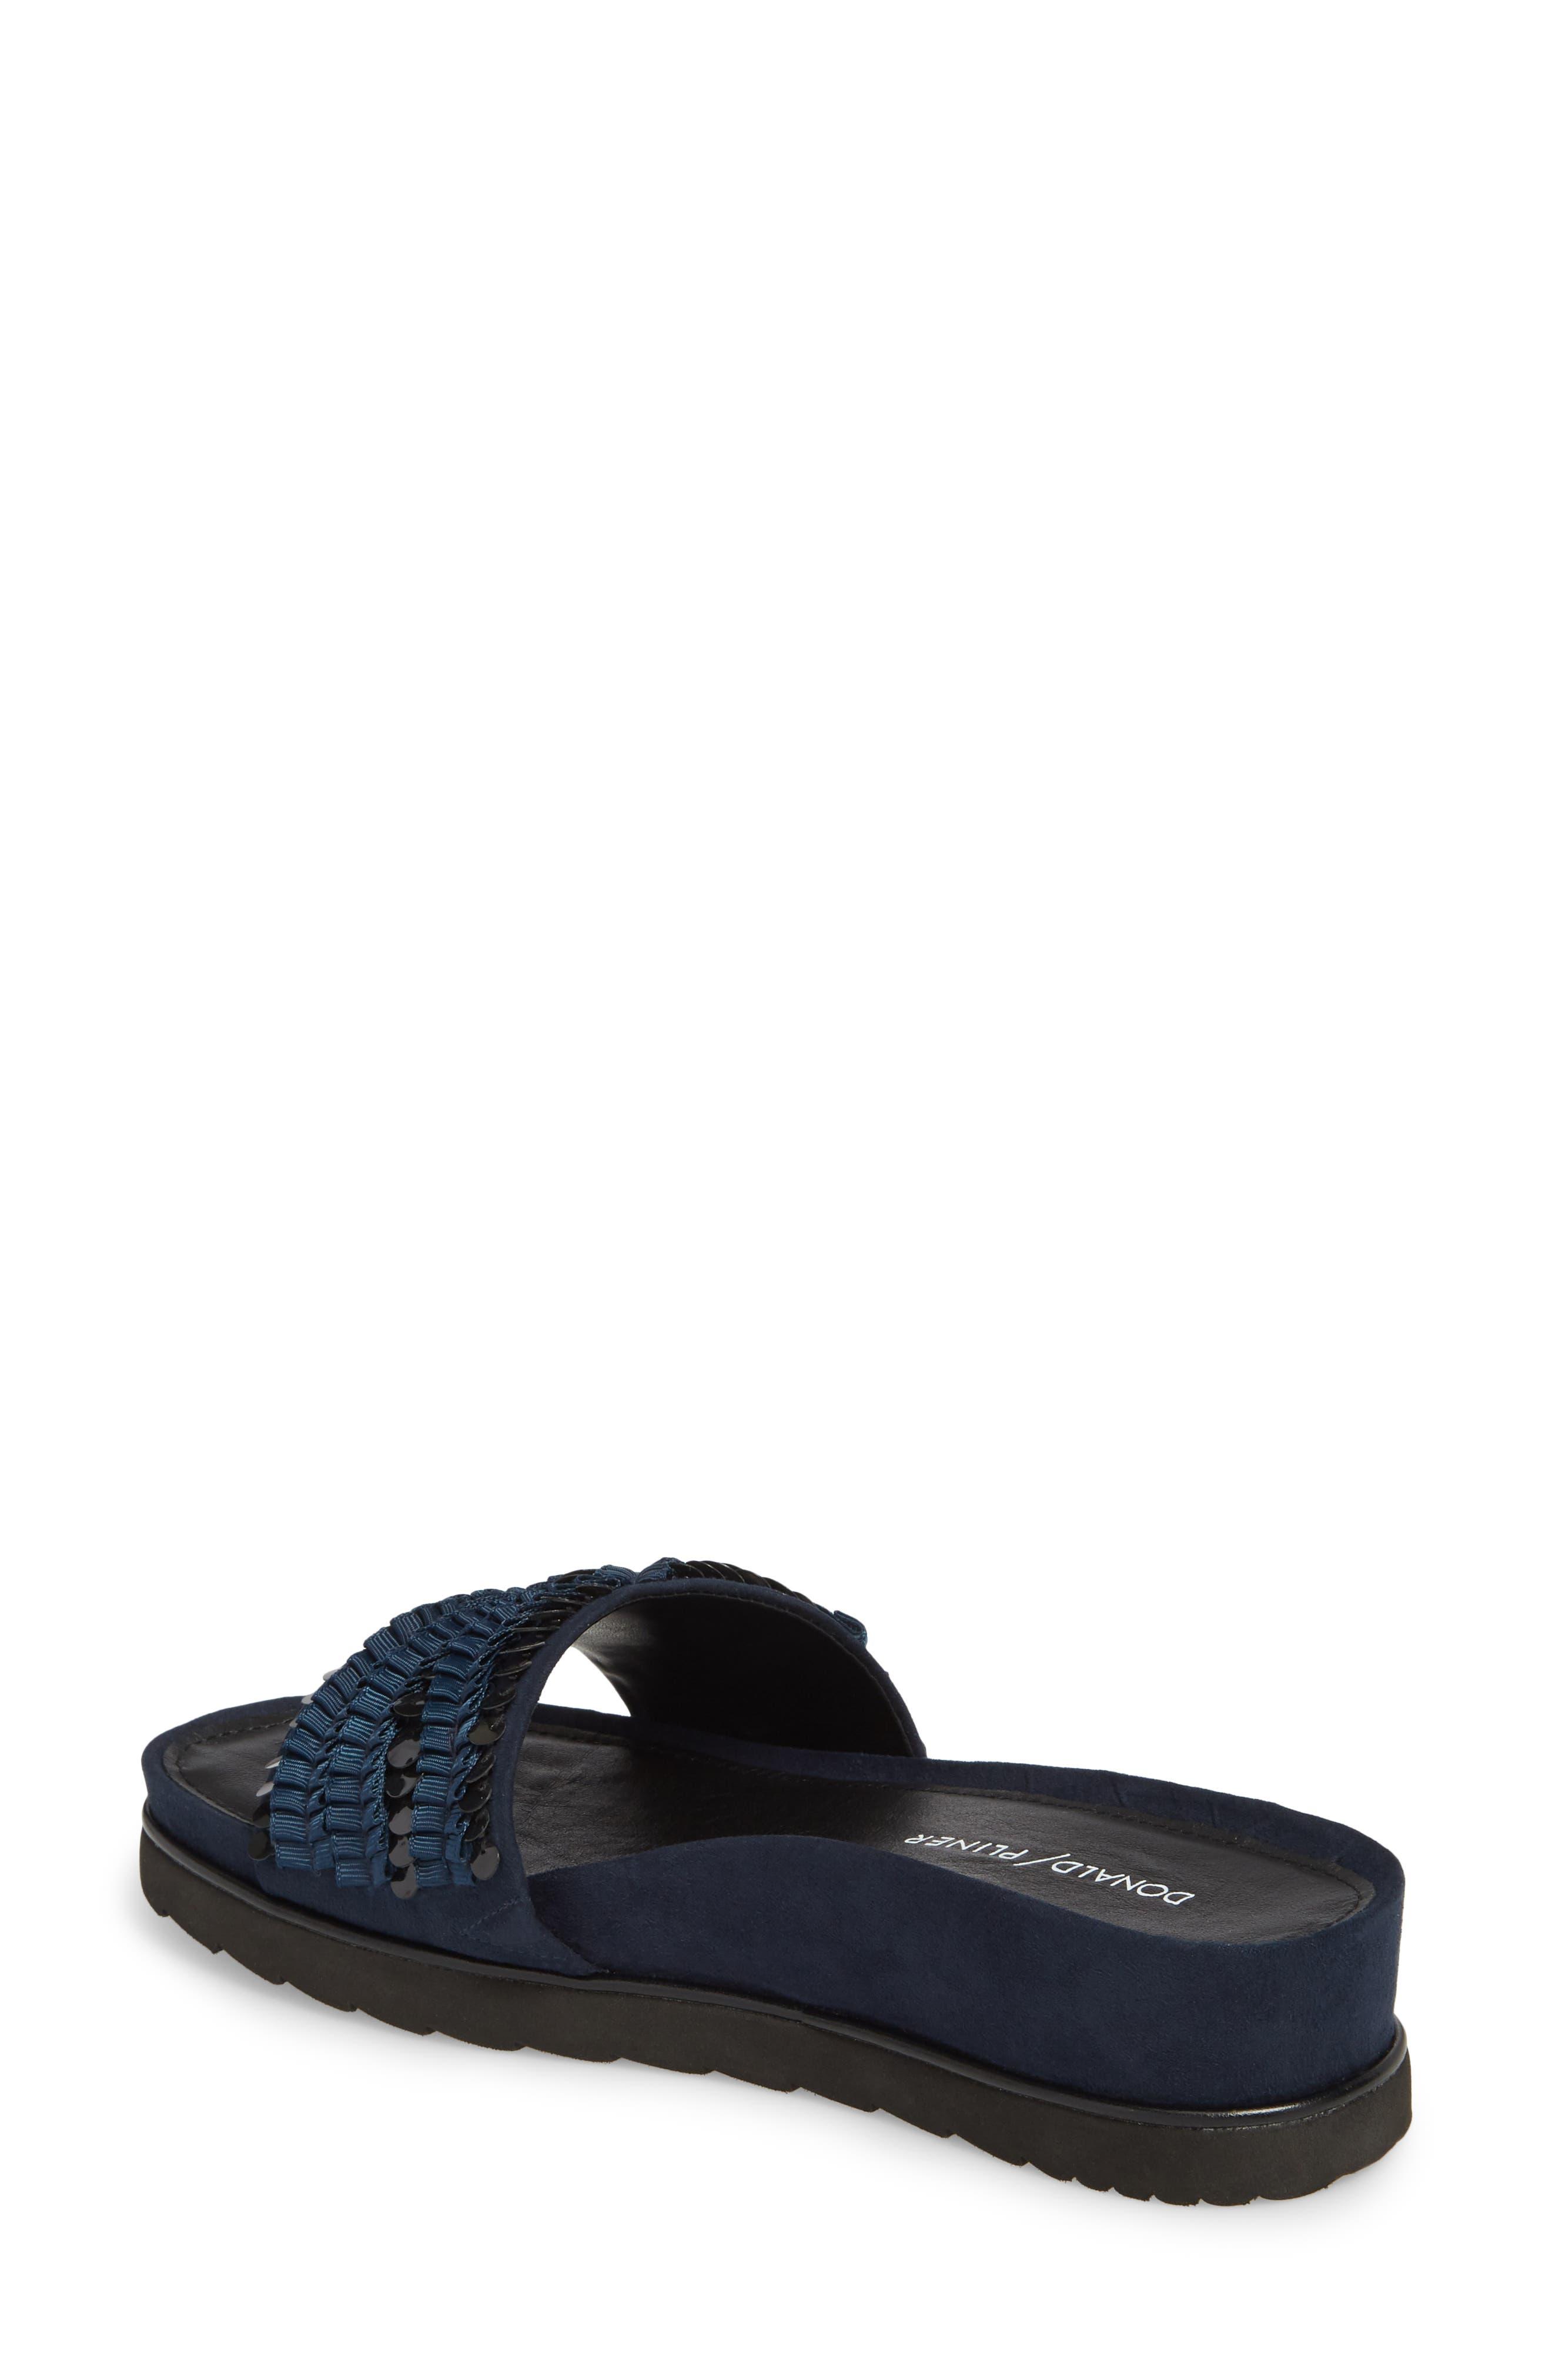 Cava Slide Sandal,                             Alternate thumbnail 20, color,